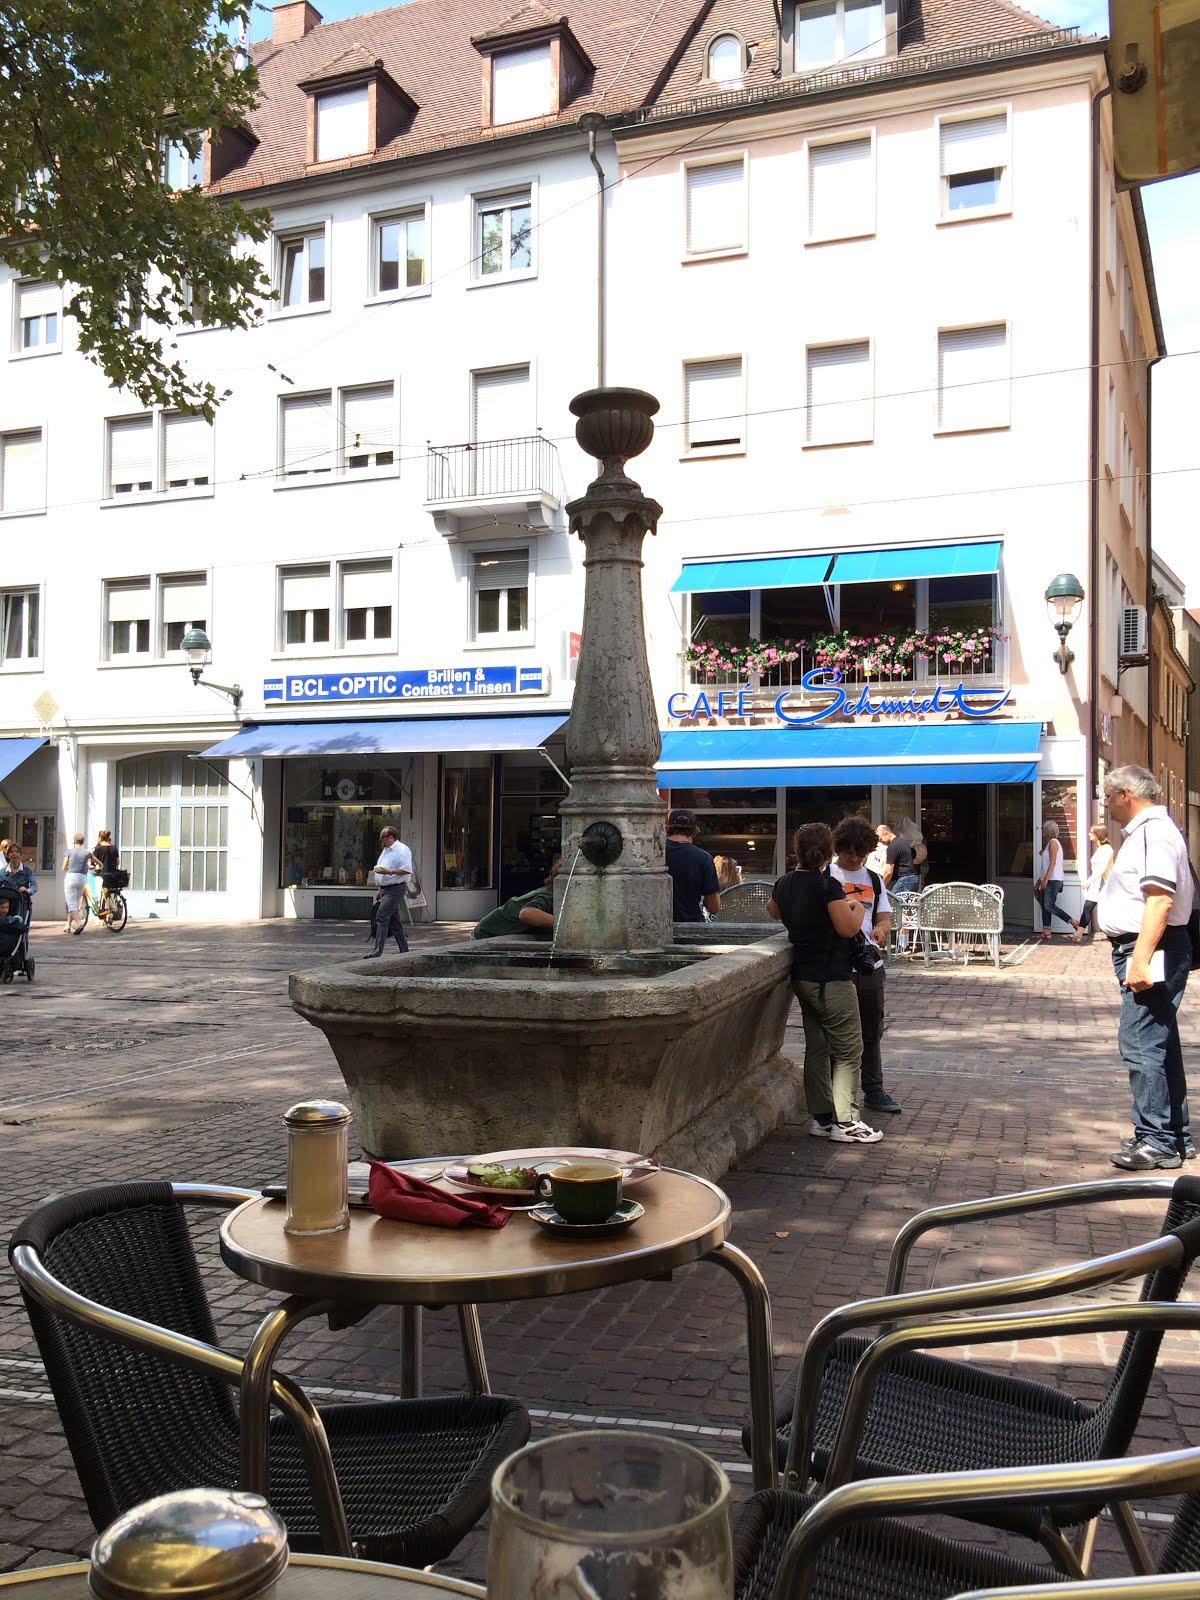 Sidetrip to Freiburg